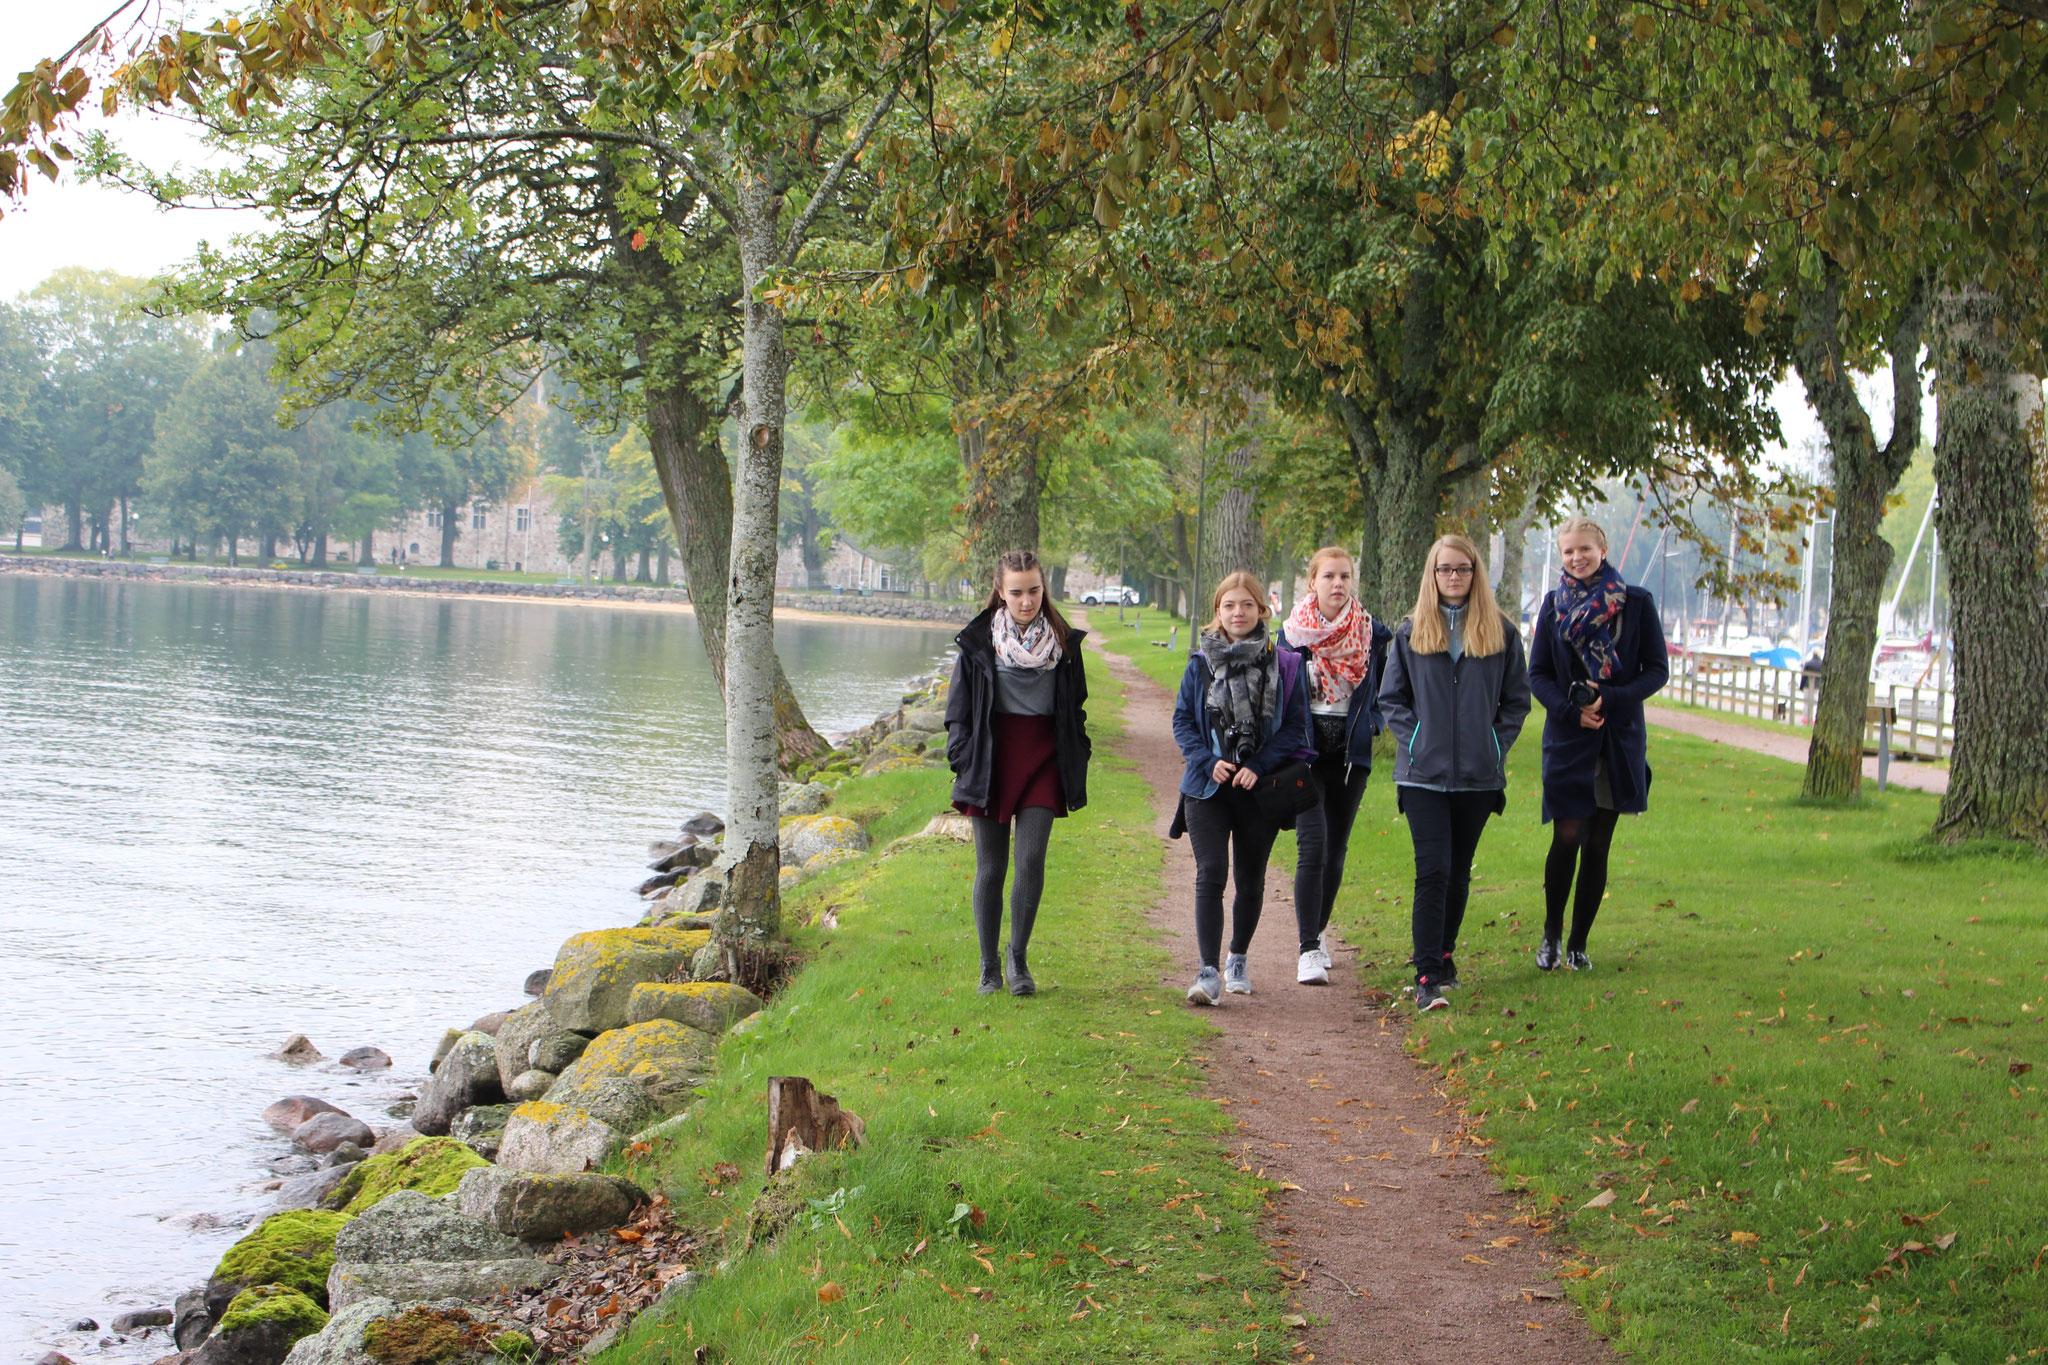 Entspannen nach dem Fernsehgottesdienst: Lioba Dietz, Pia Wittek, Lena Puscher, Maria Korten und Elisabeth Schwake genießen die Ruhe am Vätternsee